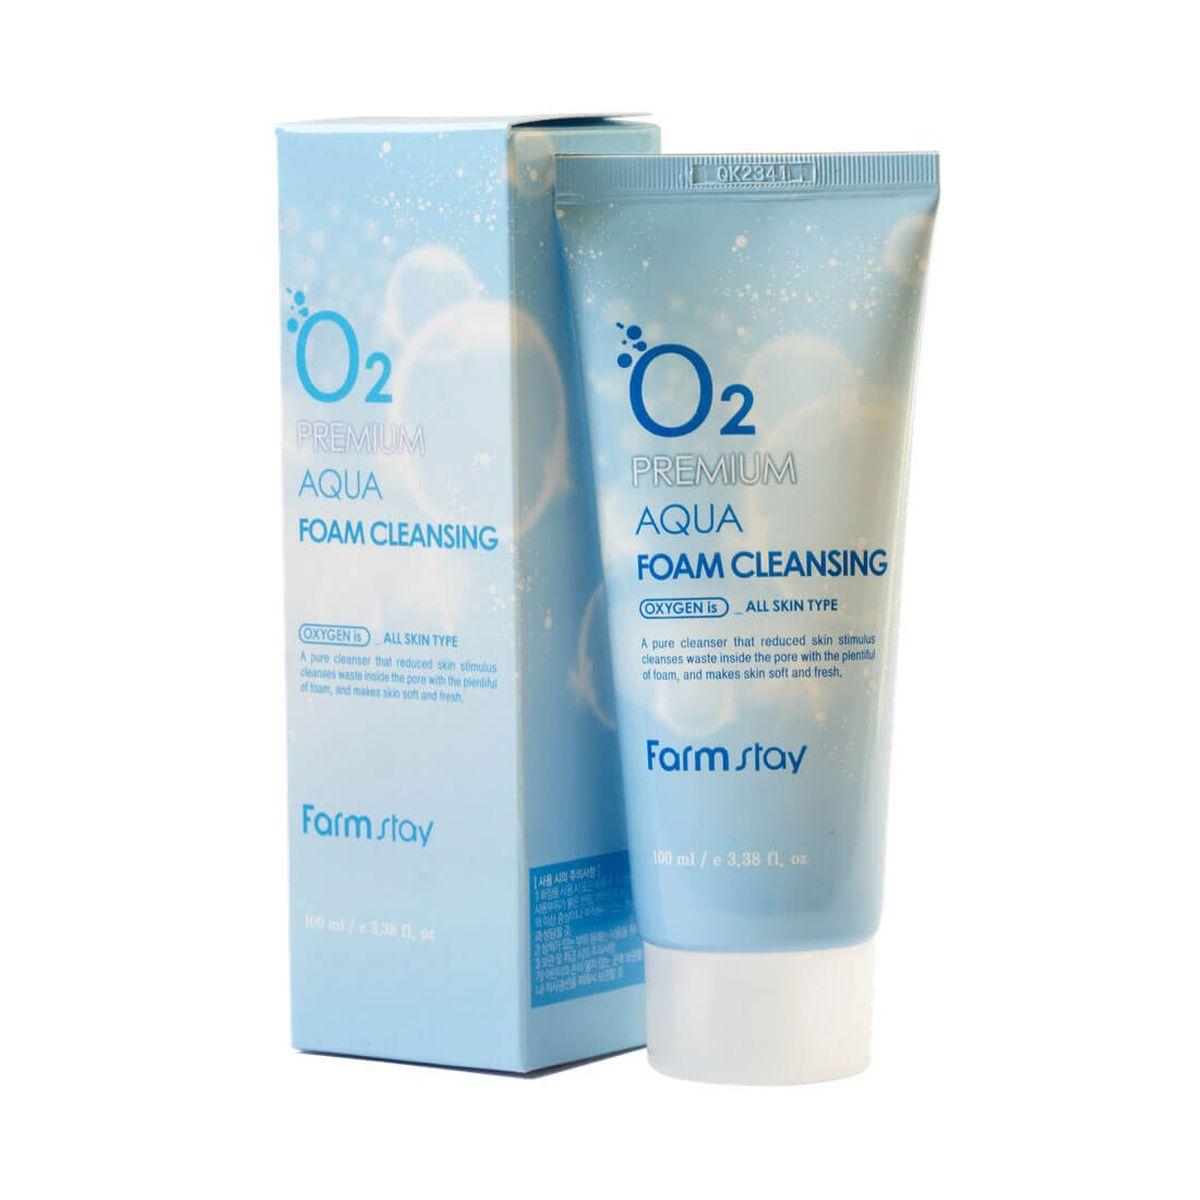 Кислородная пенка для умывания FARMSTAY O2 Premium Aqua Foam Cleansing - 100 мл